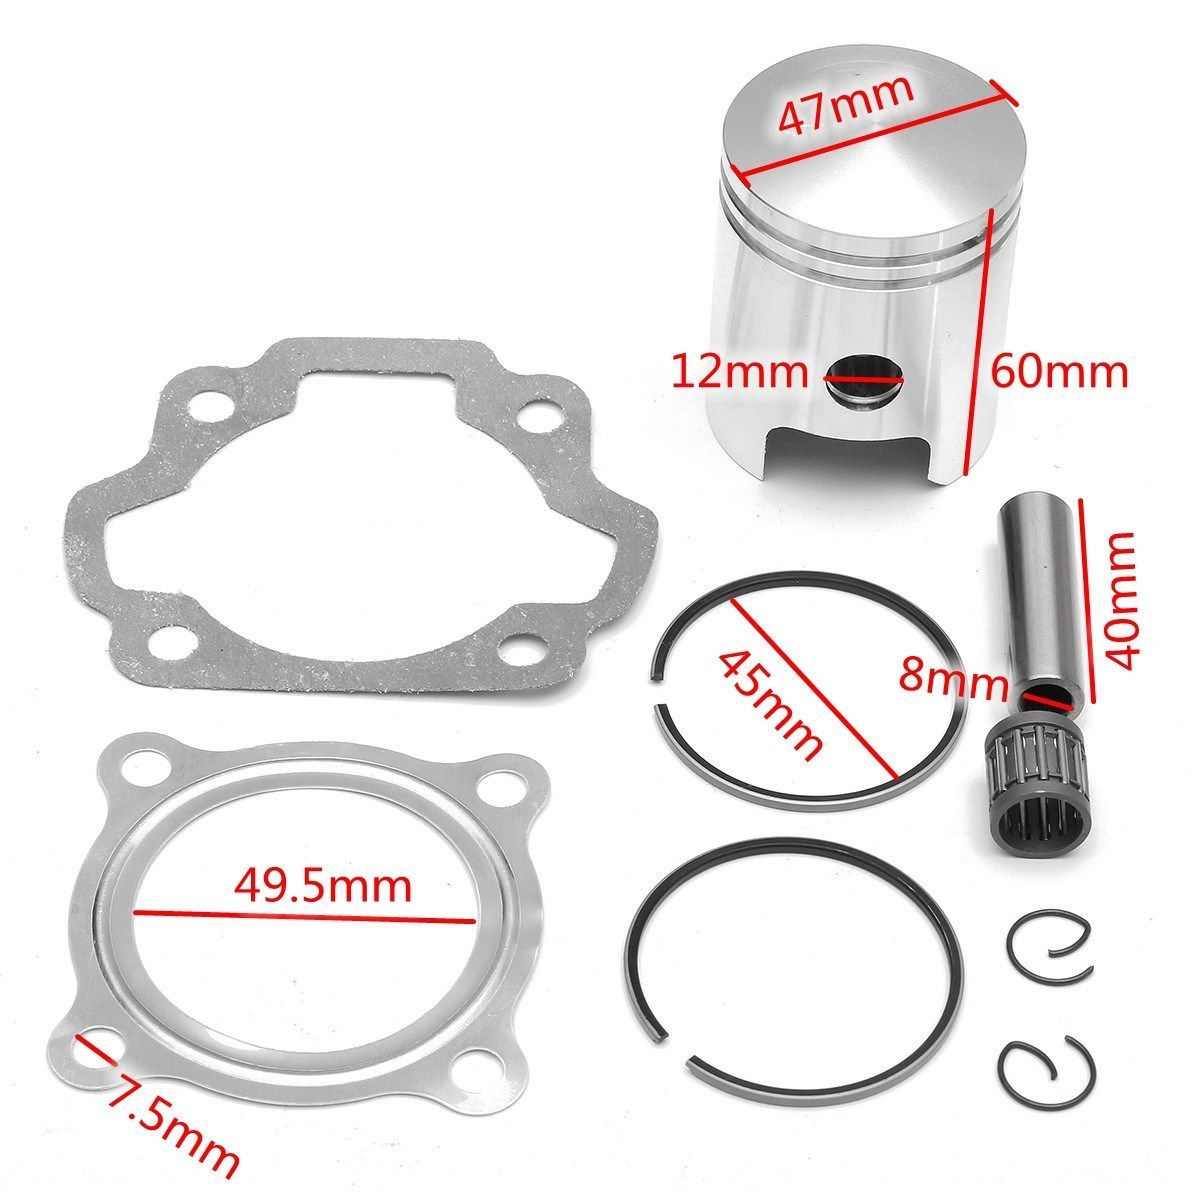 For Yamaha PW80 83-06 Engine Cylinder Piston Ring Head Gasket Kit 3E5-11631-00-97